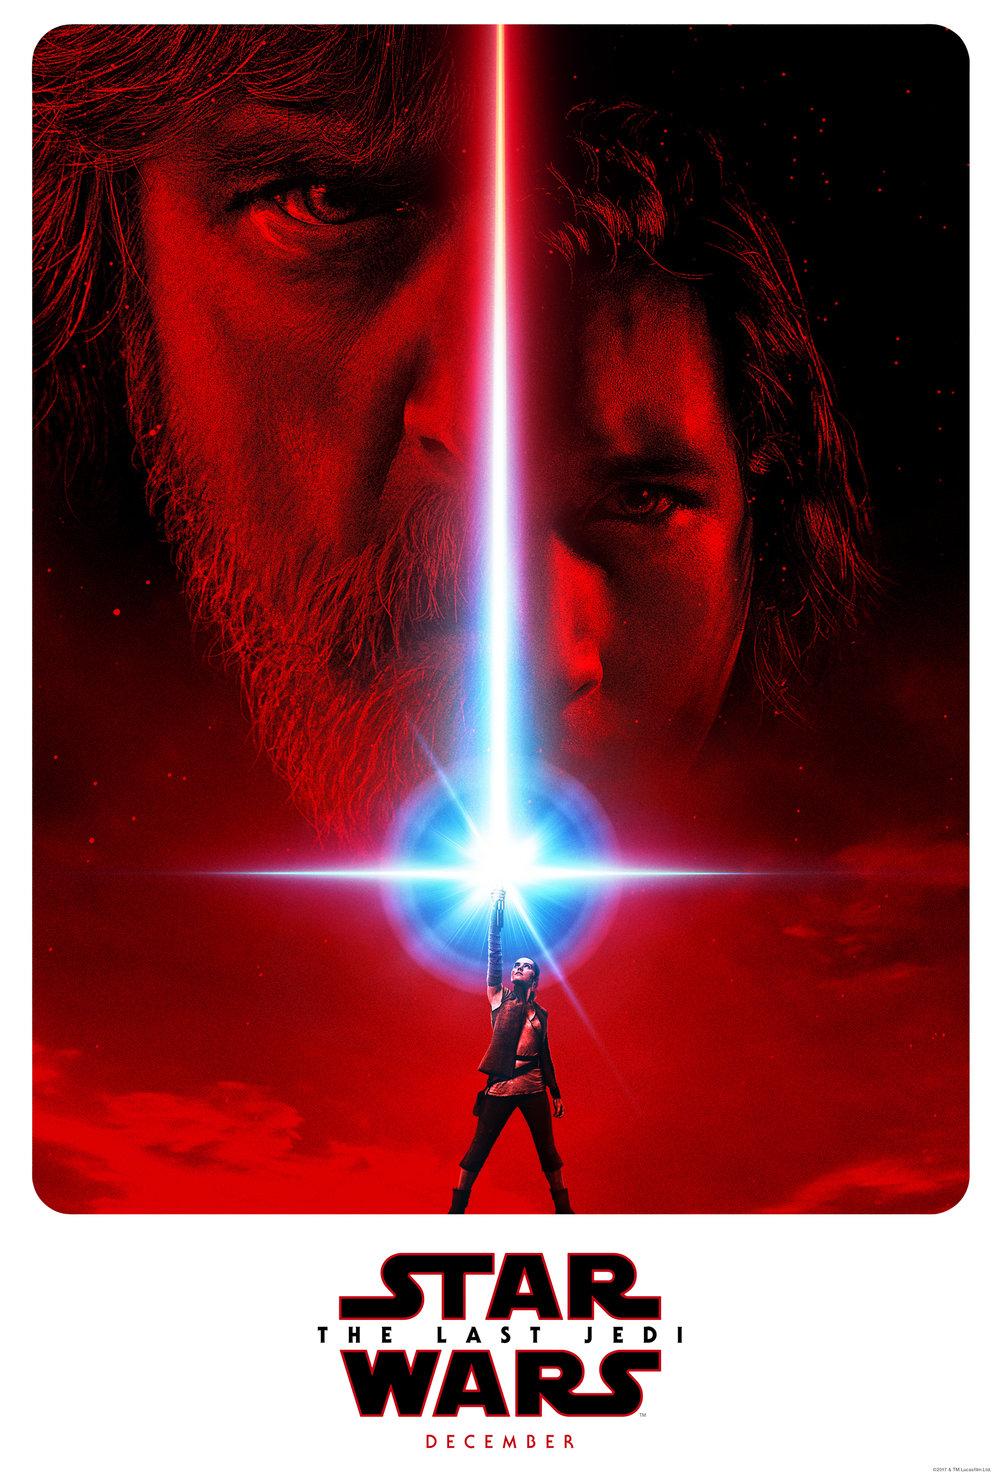 Ep VIII: The Last Jedi